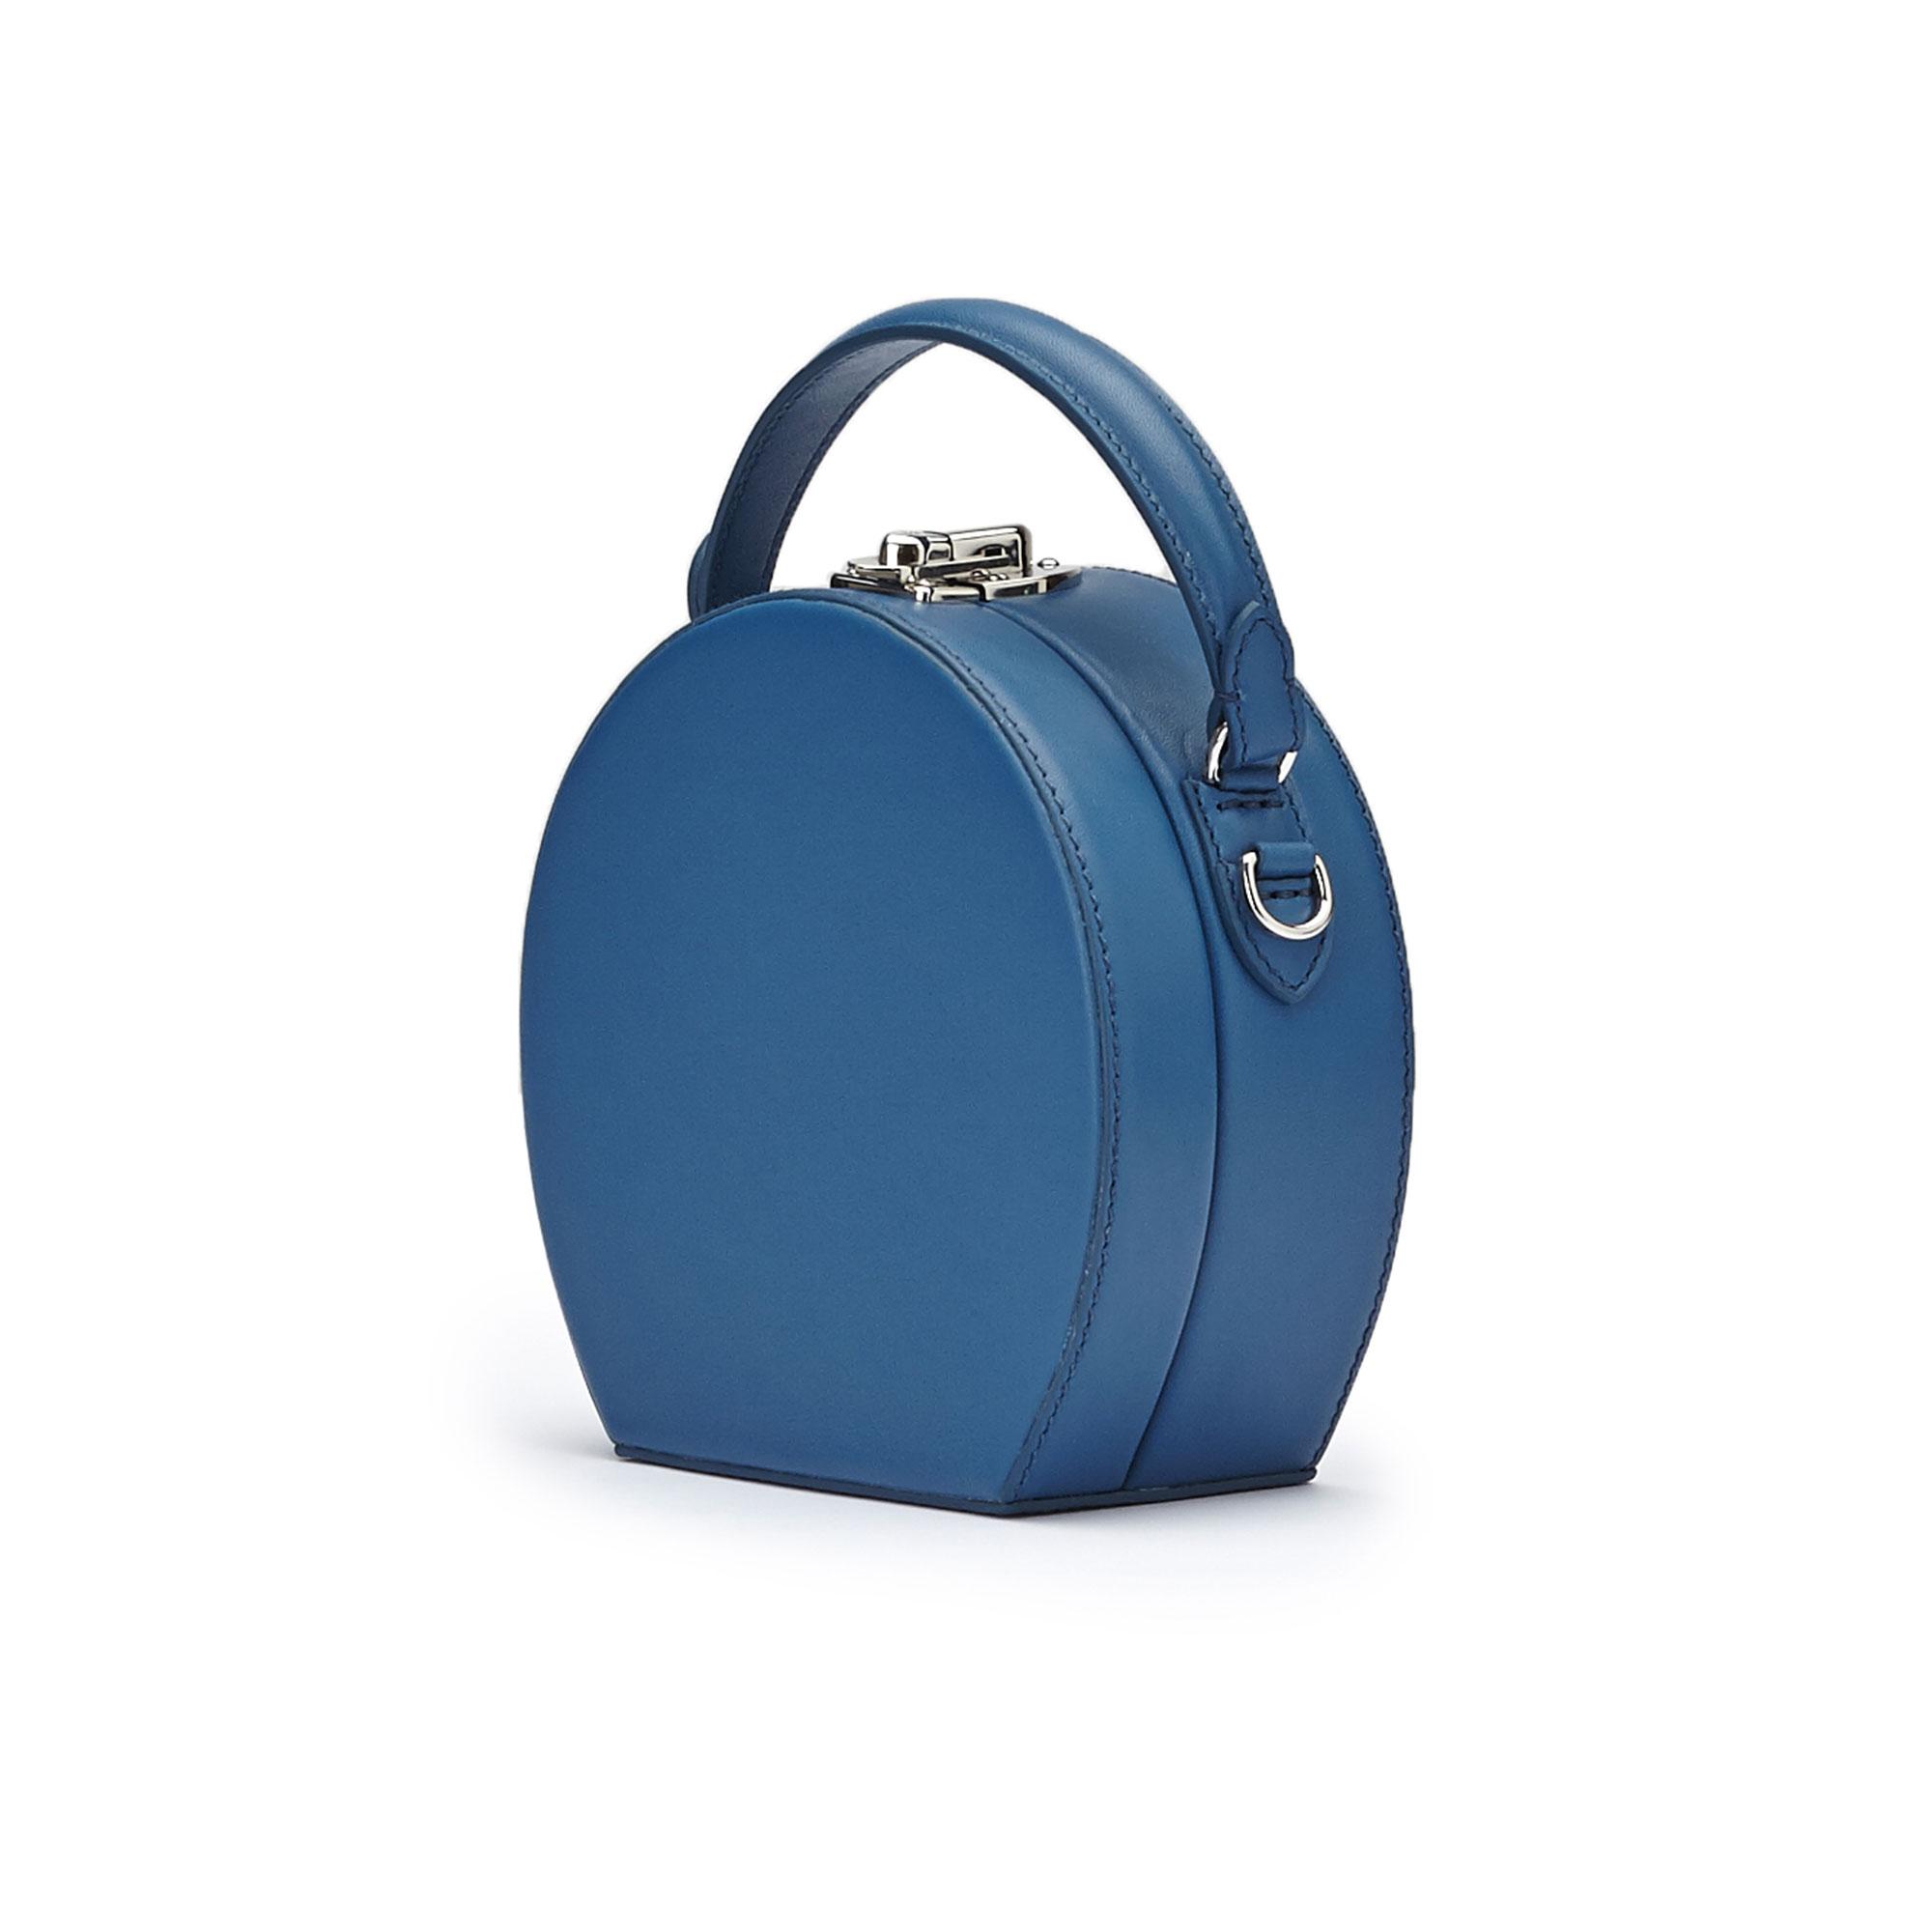 The blue french calf Mini Bertoncina bag by Bertoni 1949 02